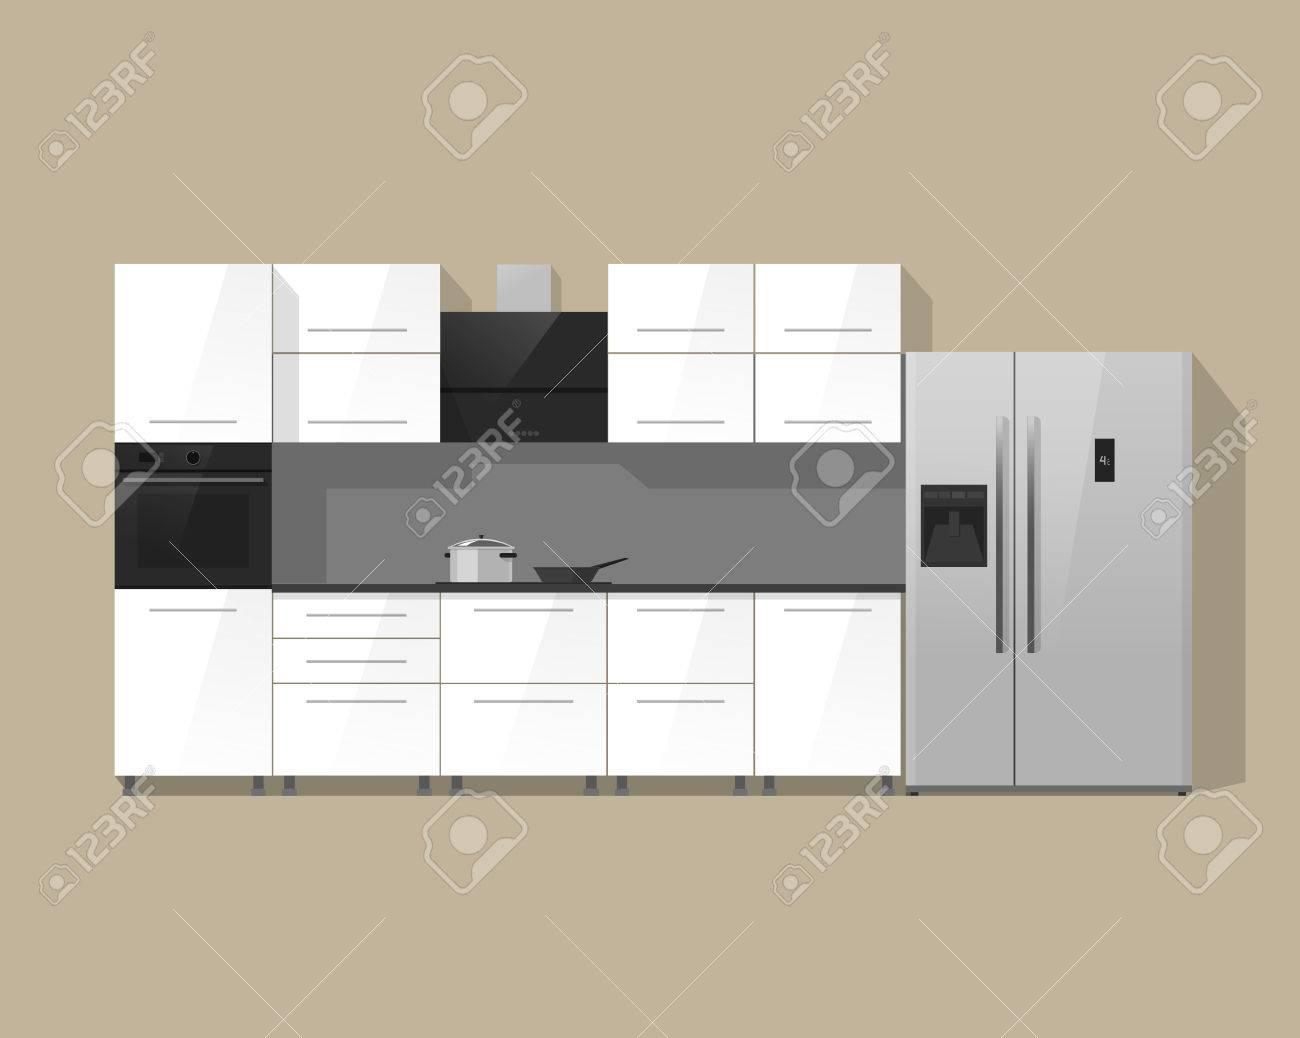 Cocina, los muebles ilustración del vector aislado en el fondo de color,  interior de la cocina blanca con negro horno, nevera y cocina de plata del  ...